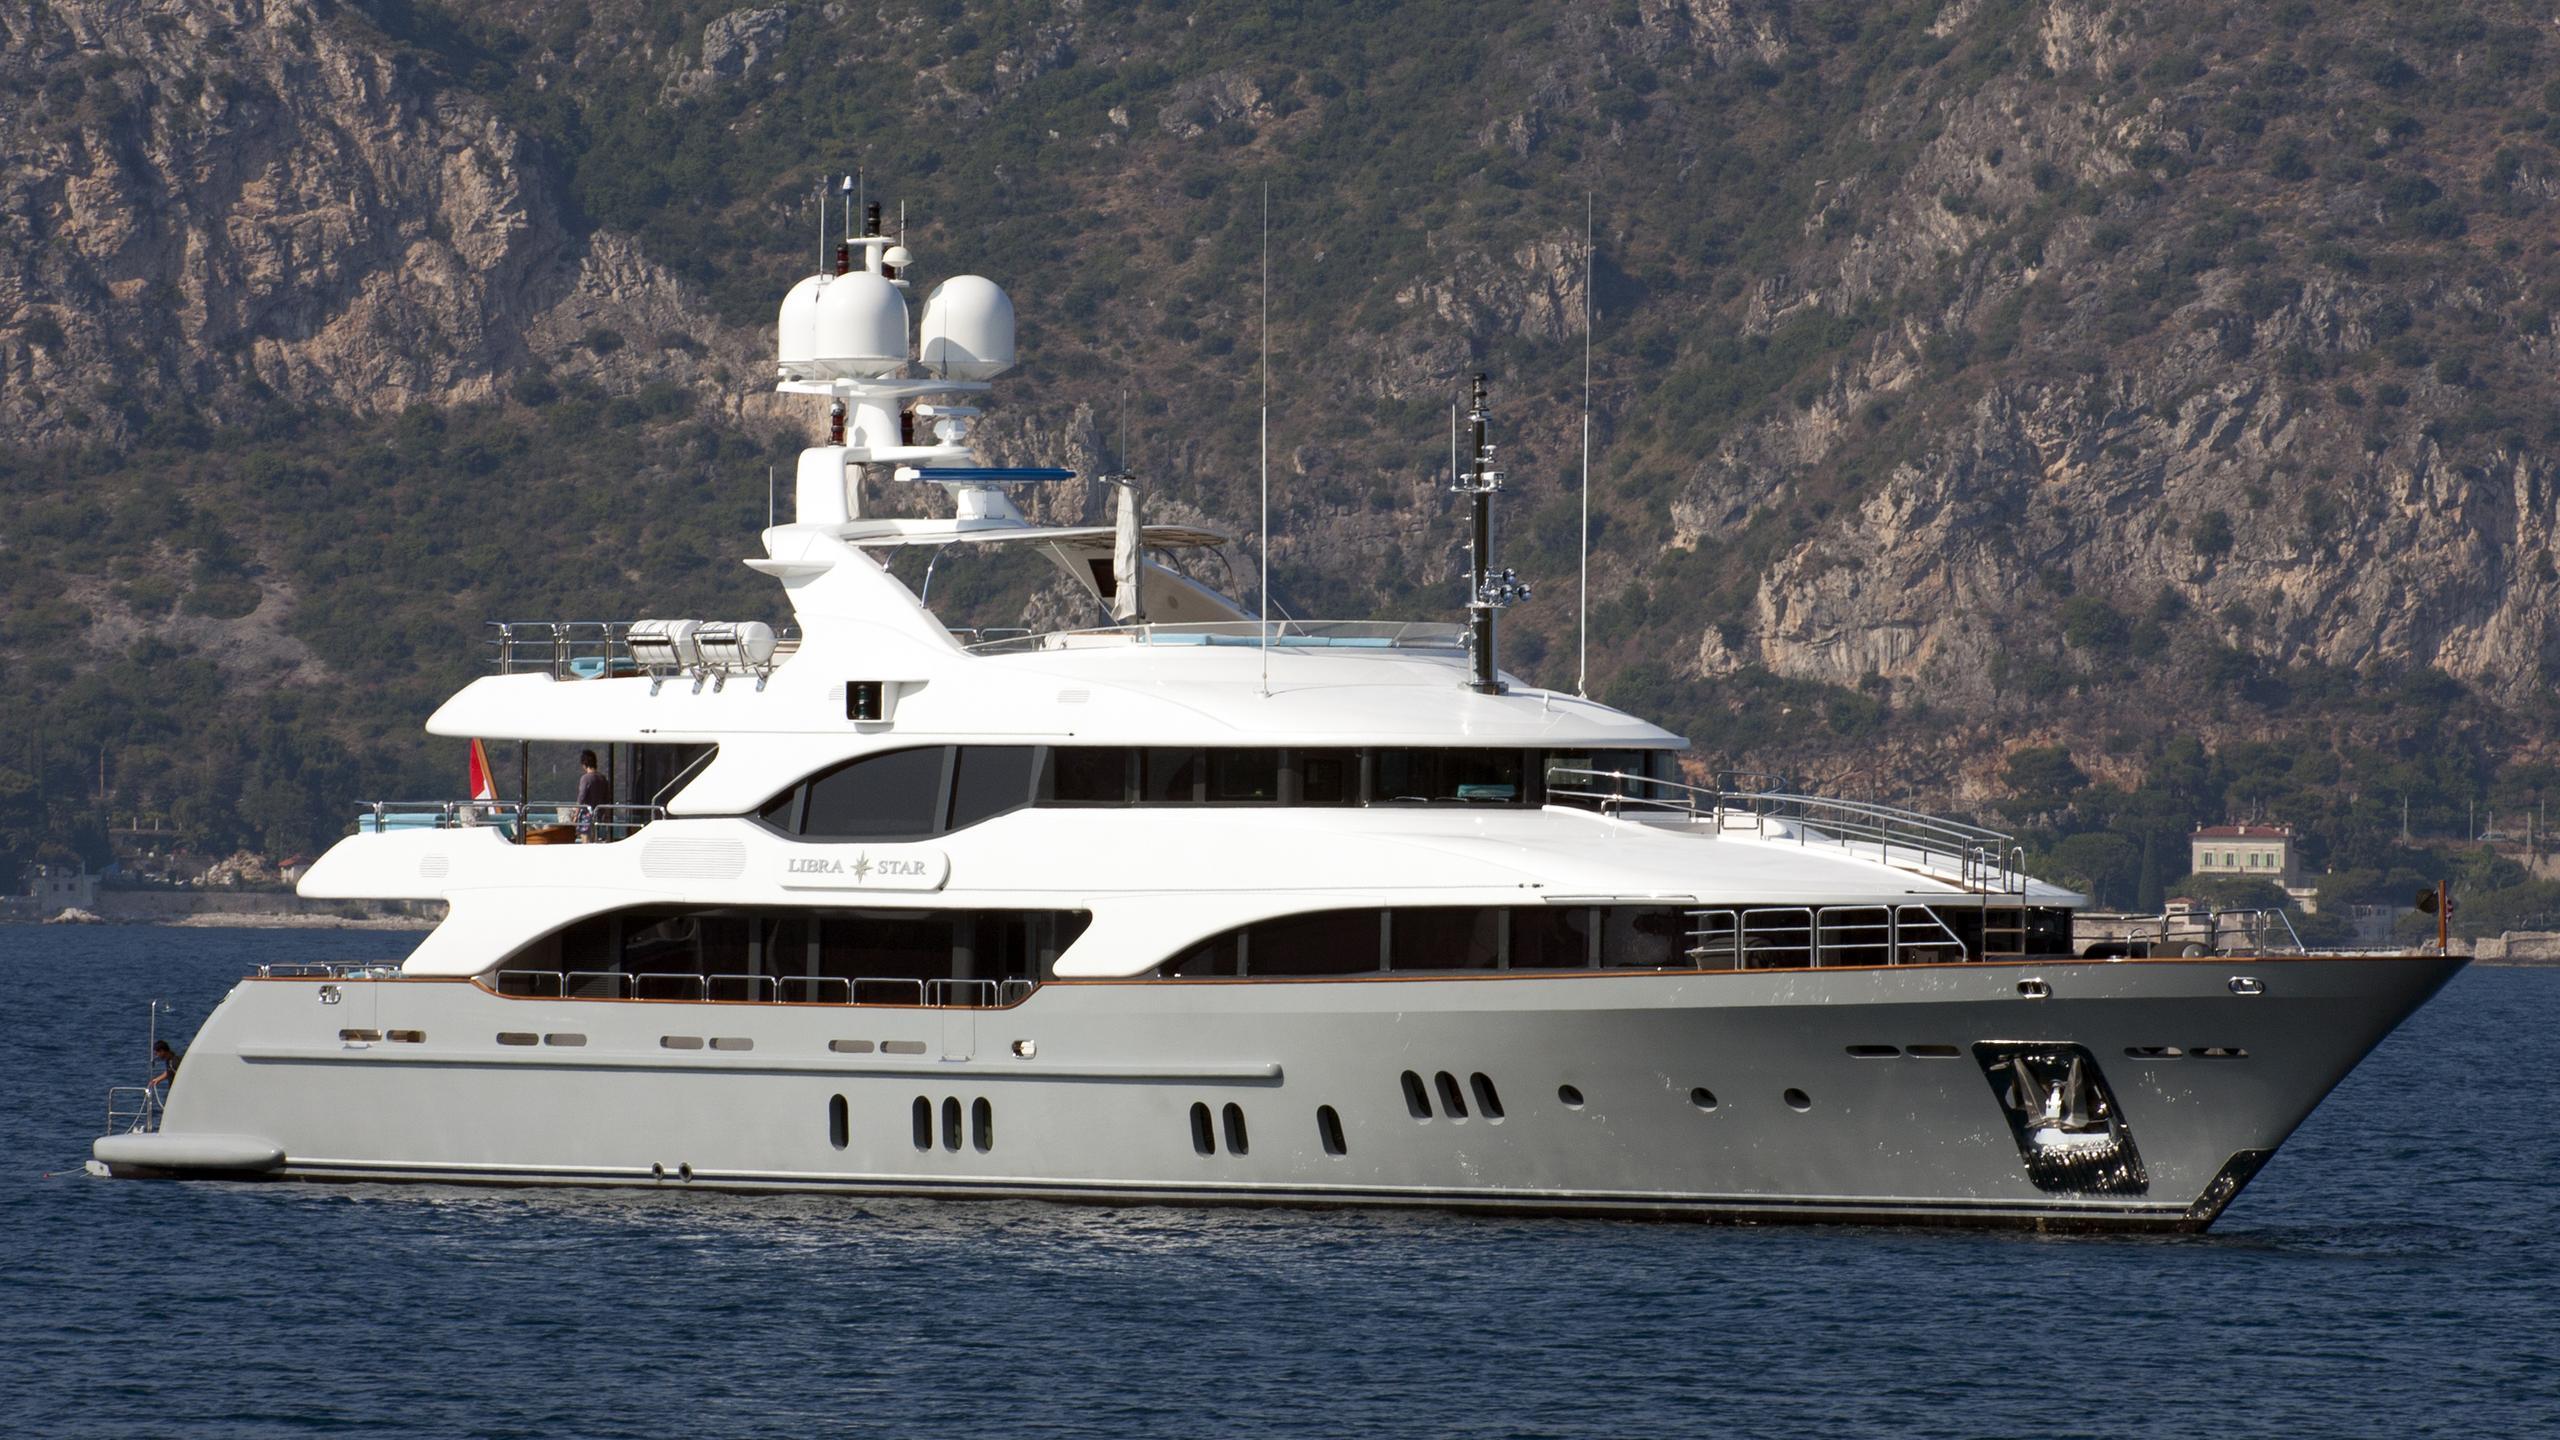 justa delia libra star motor yacht benetti vision 2008 44m half profile